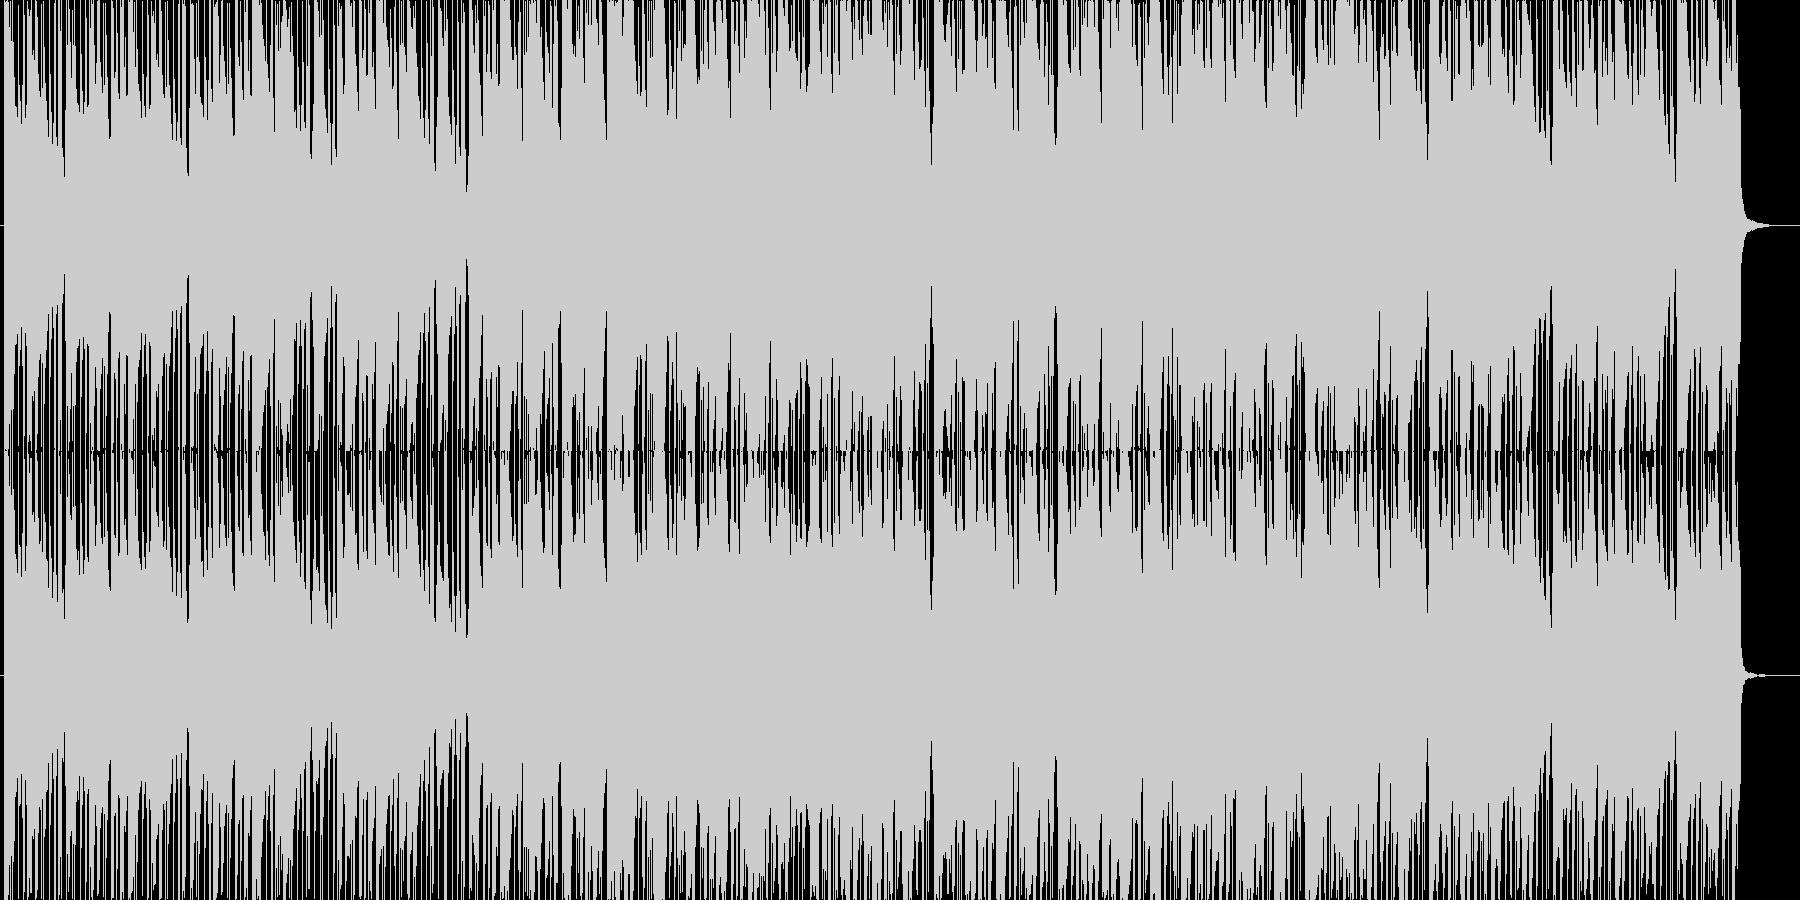 ゆったり大人でジャジーなBar BGMの未再生の波形